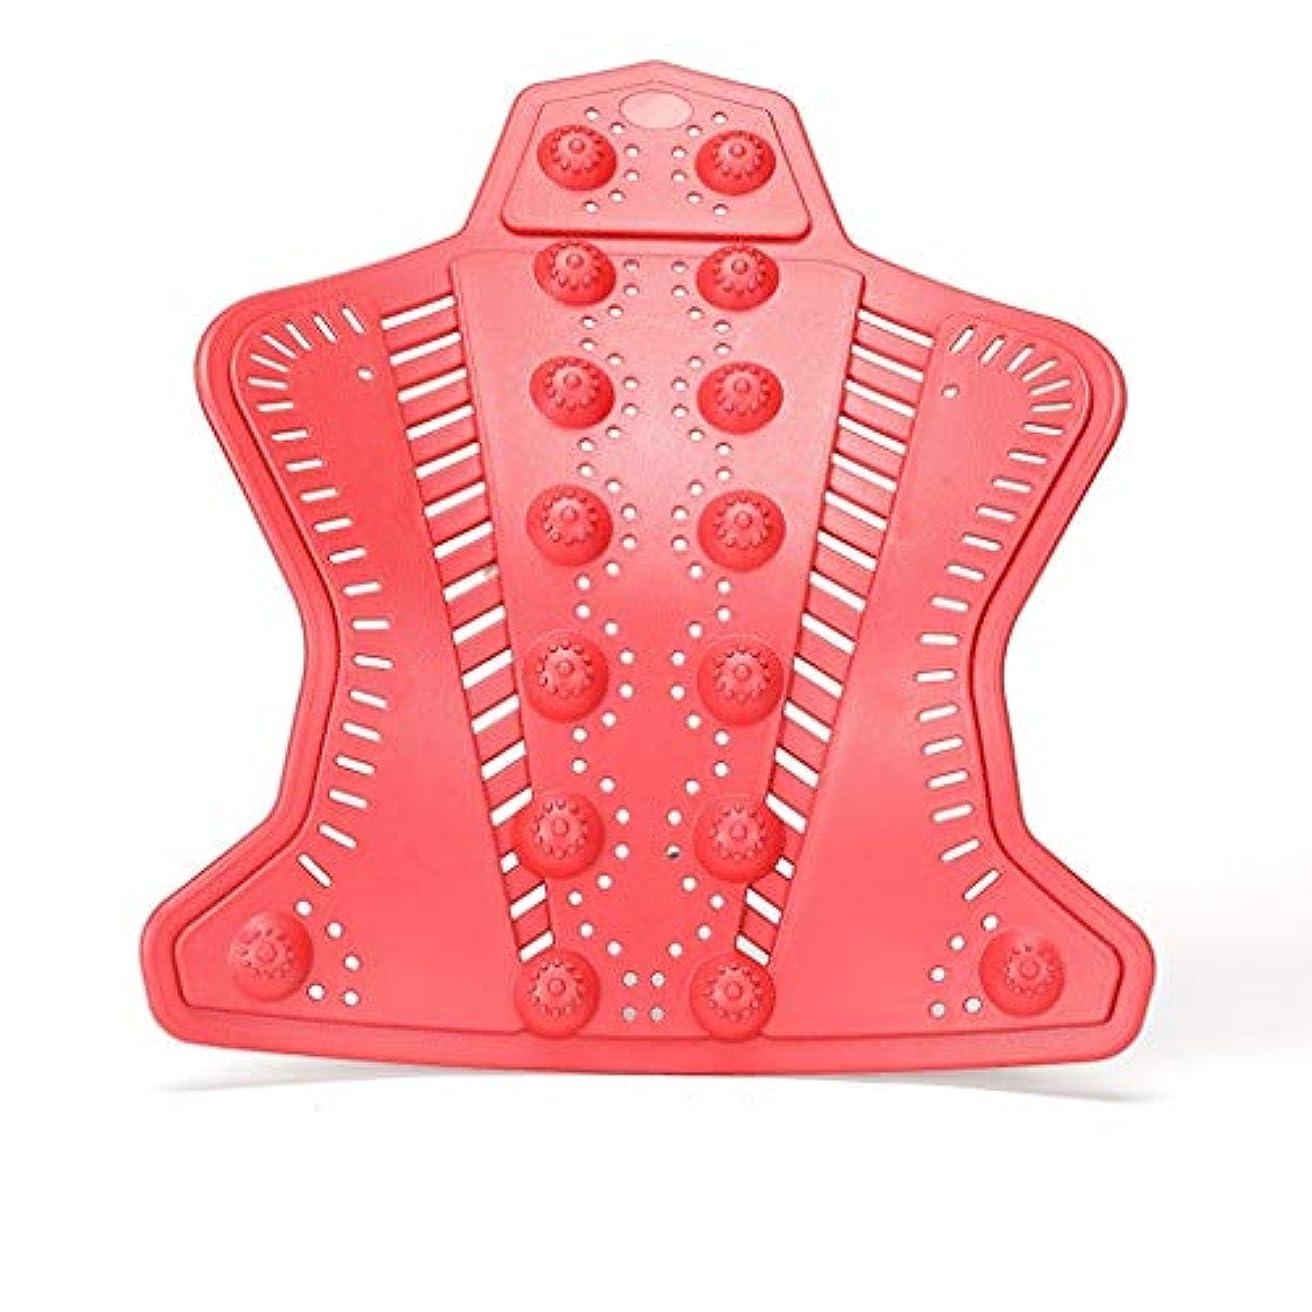 カエルドレス世辞背中のマッサージストレッチャーストレッチマジックウエストサポート首リラックス脊椎の痛み頚椎腰椎牽引ザトウクジラデバイス,Red